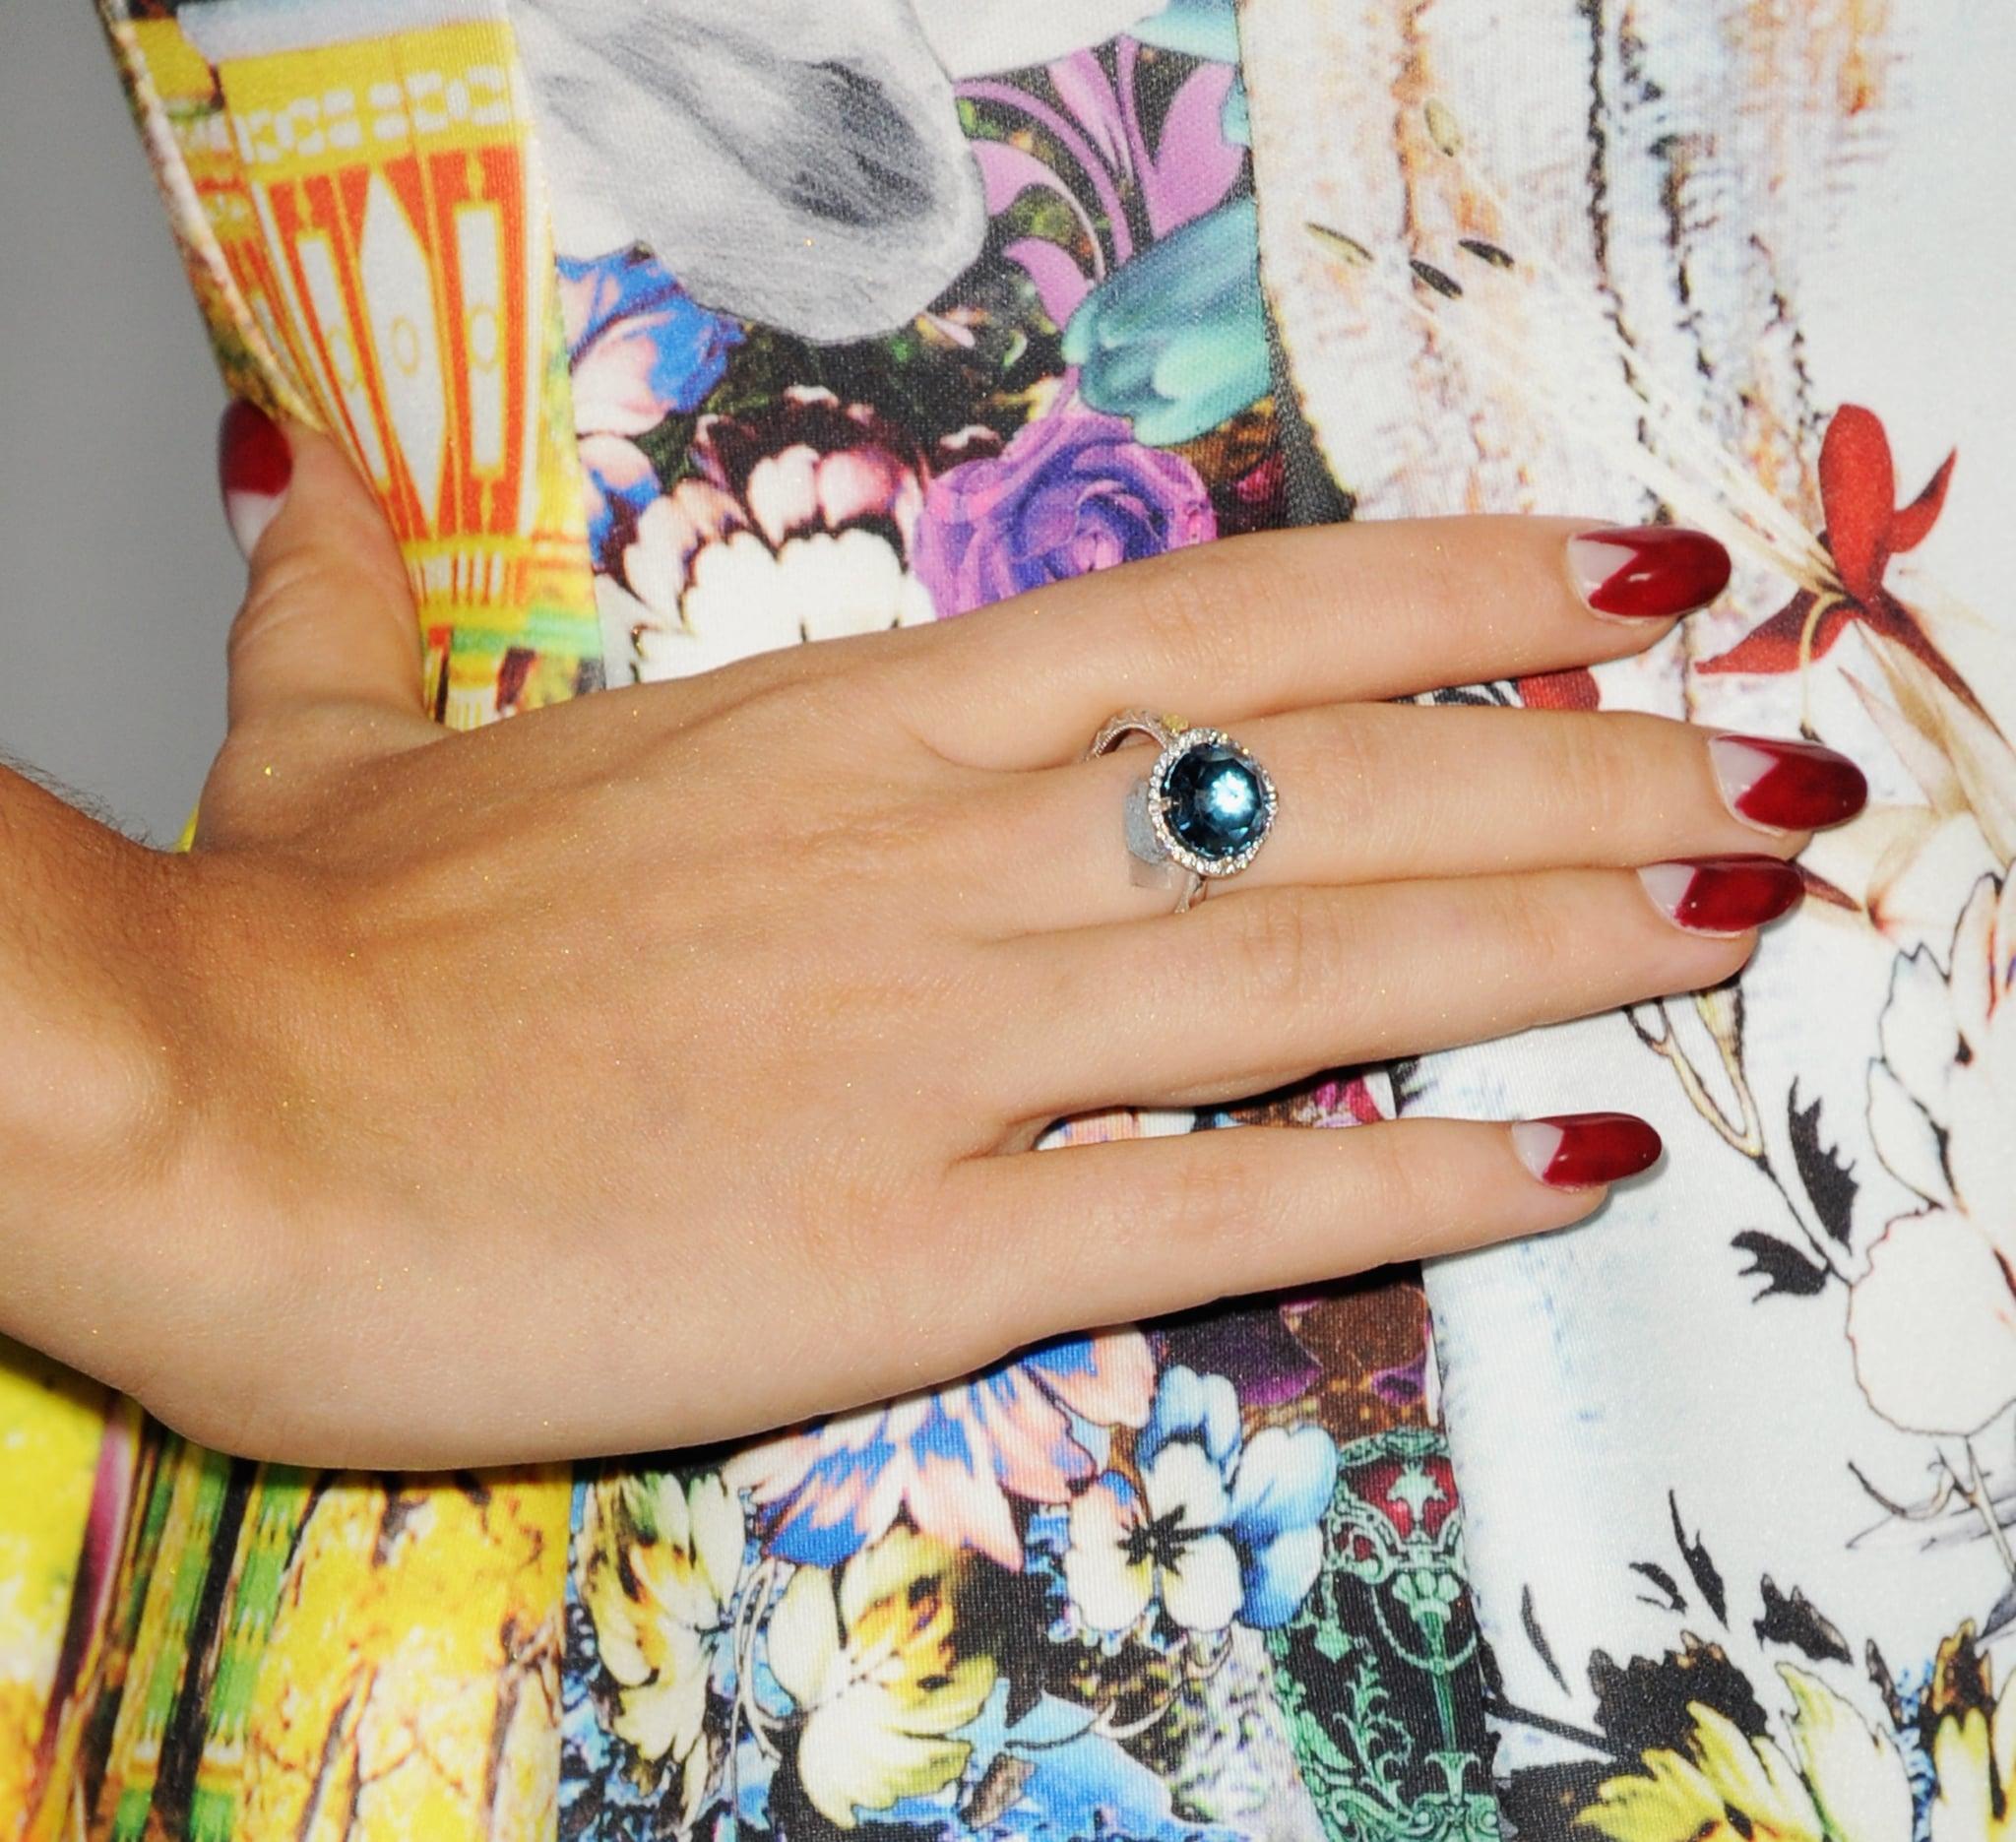 She nails nail art.